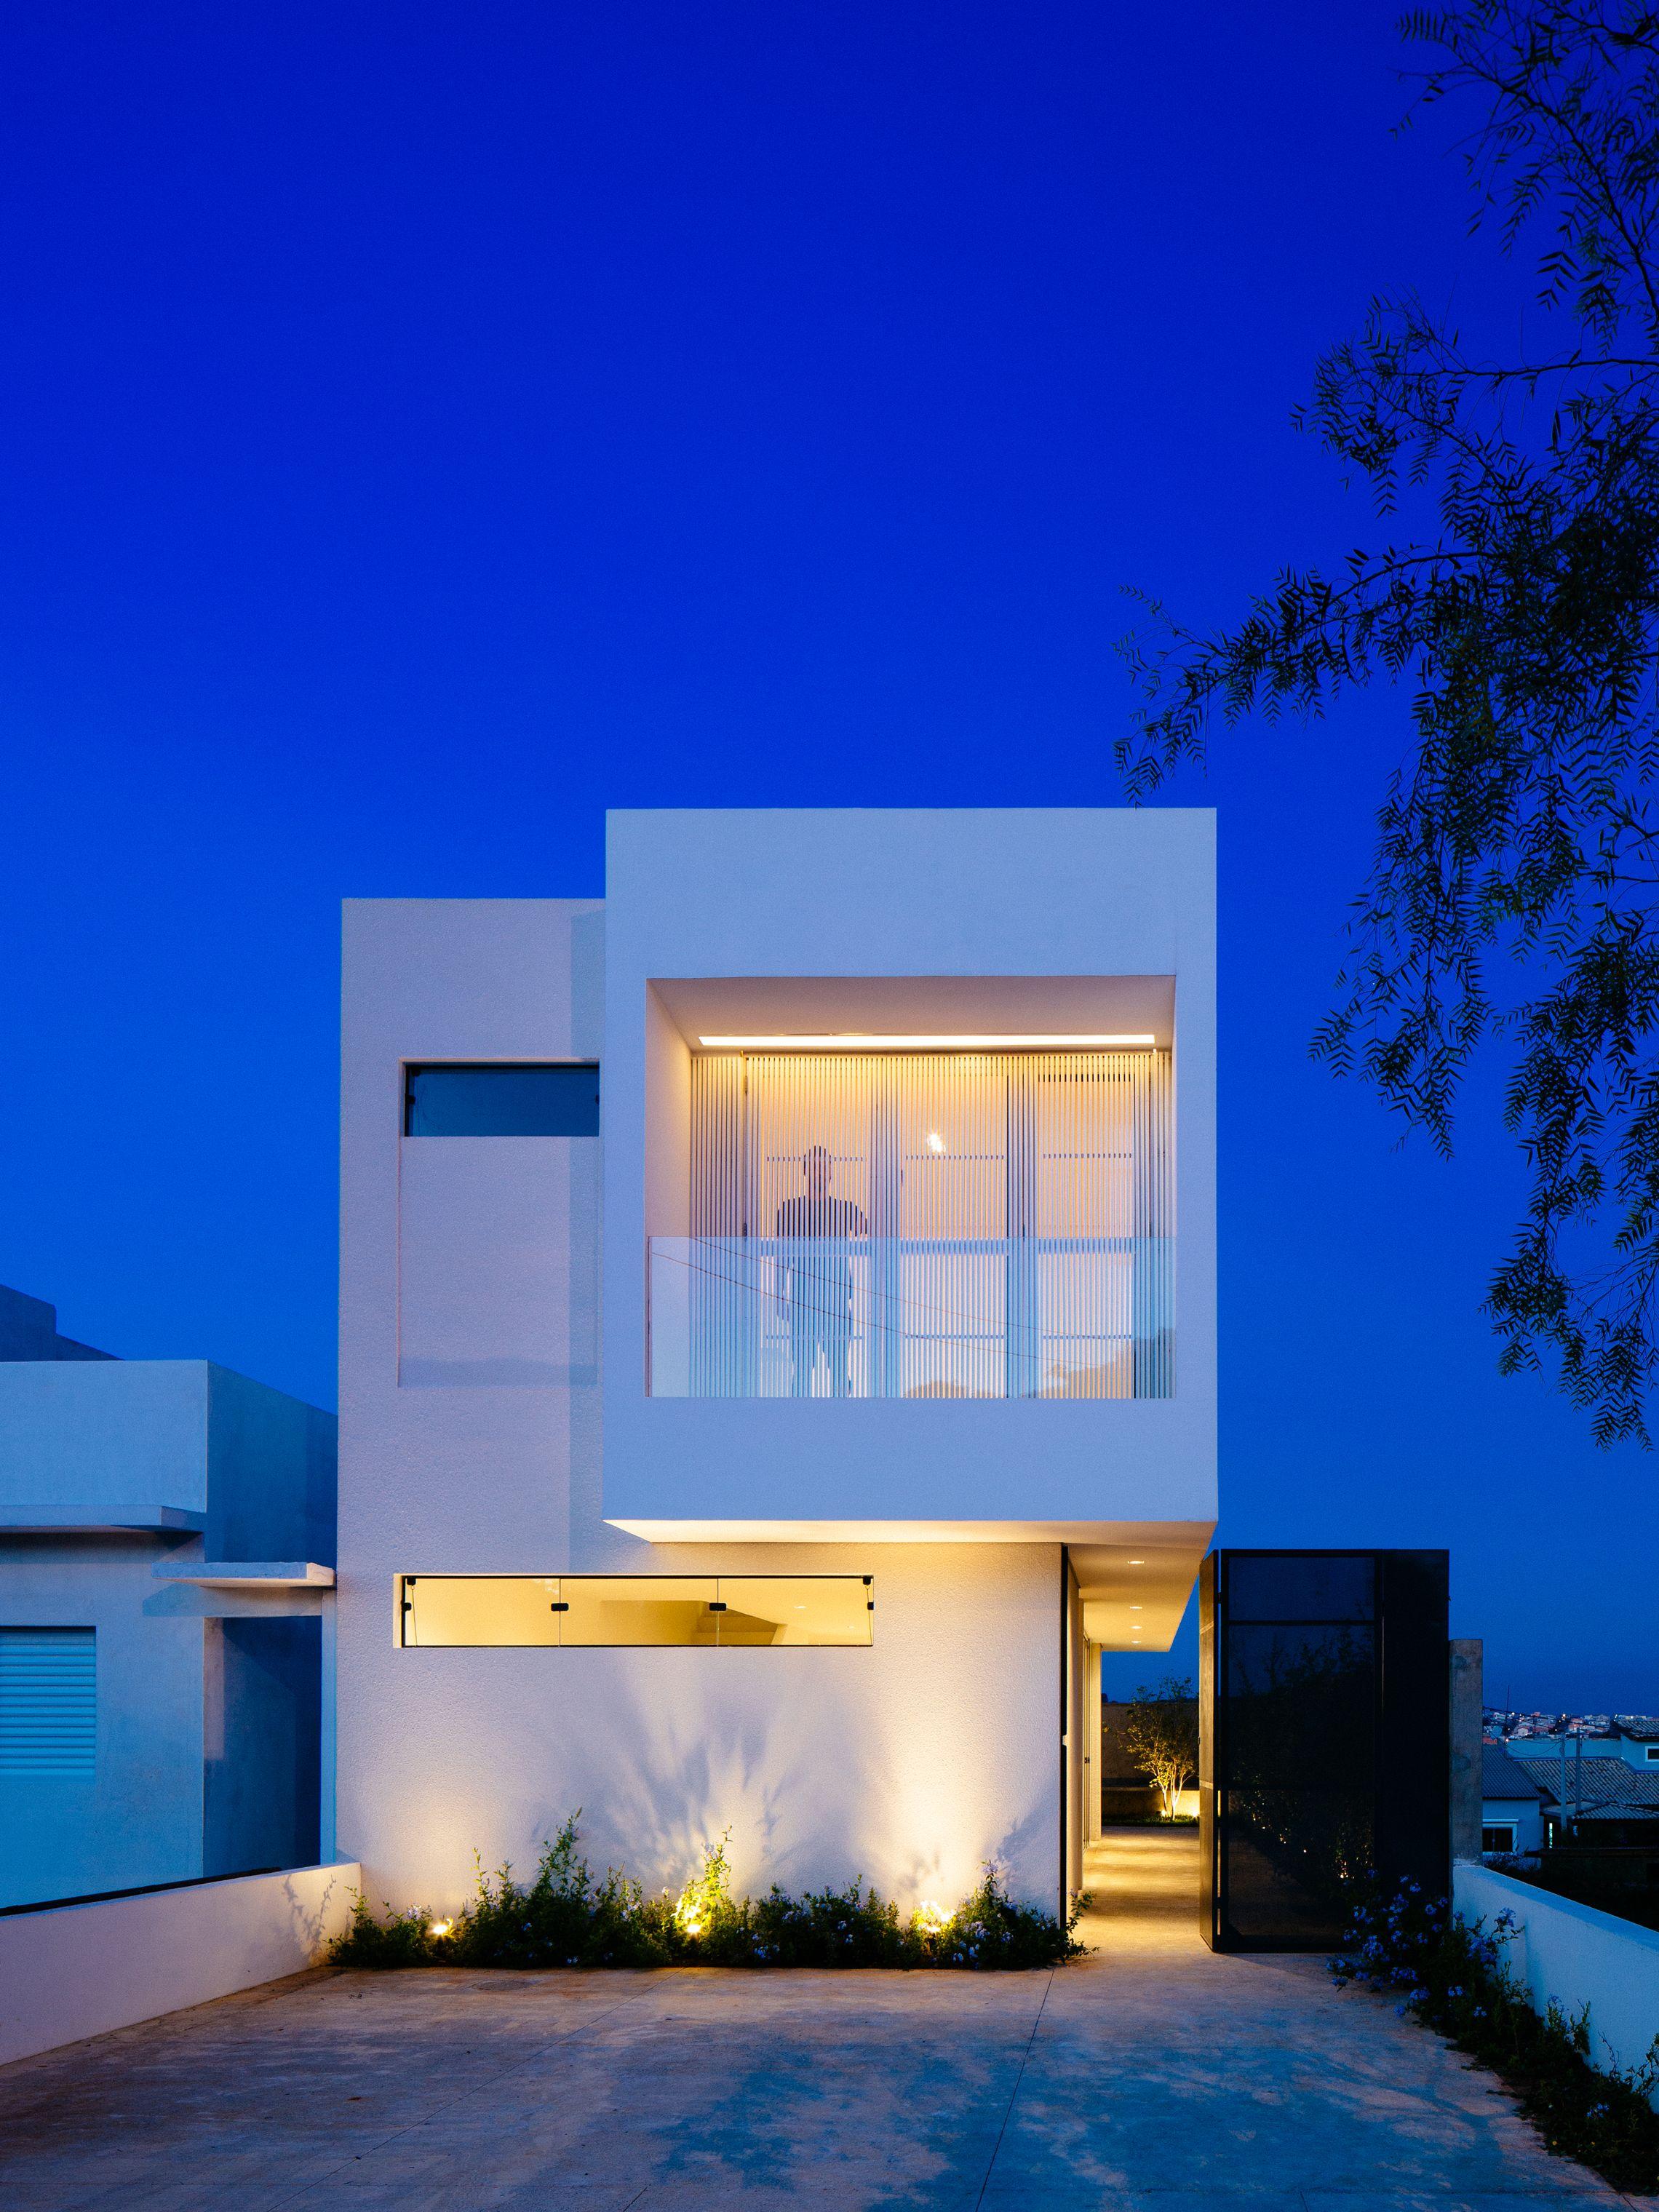 Sencilla casa de dos pisos construida en terreno peque o for Fachada de casas